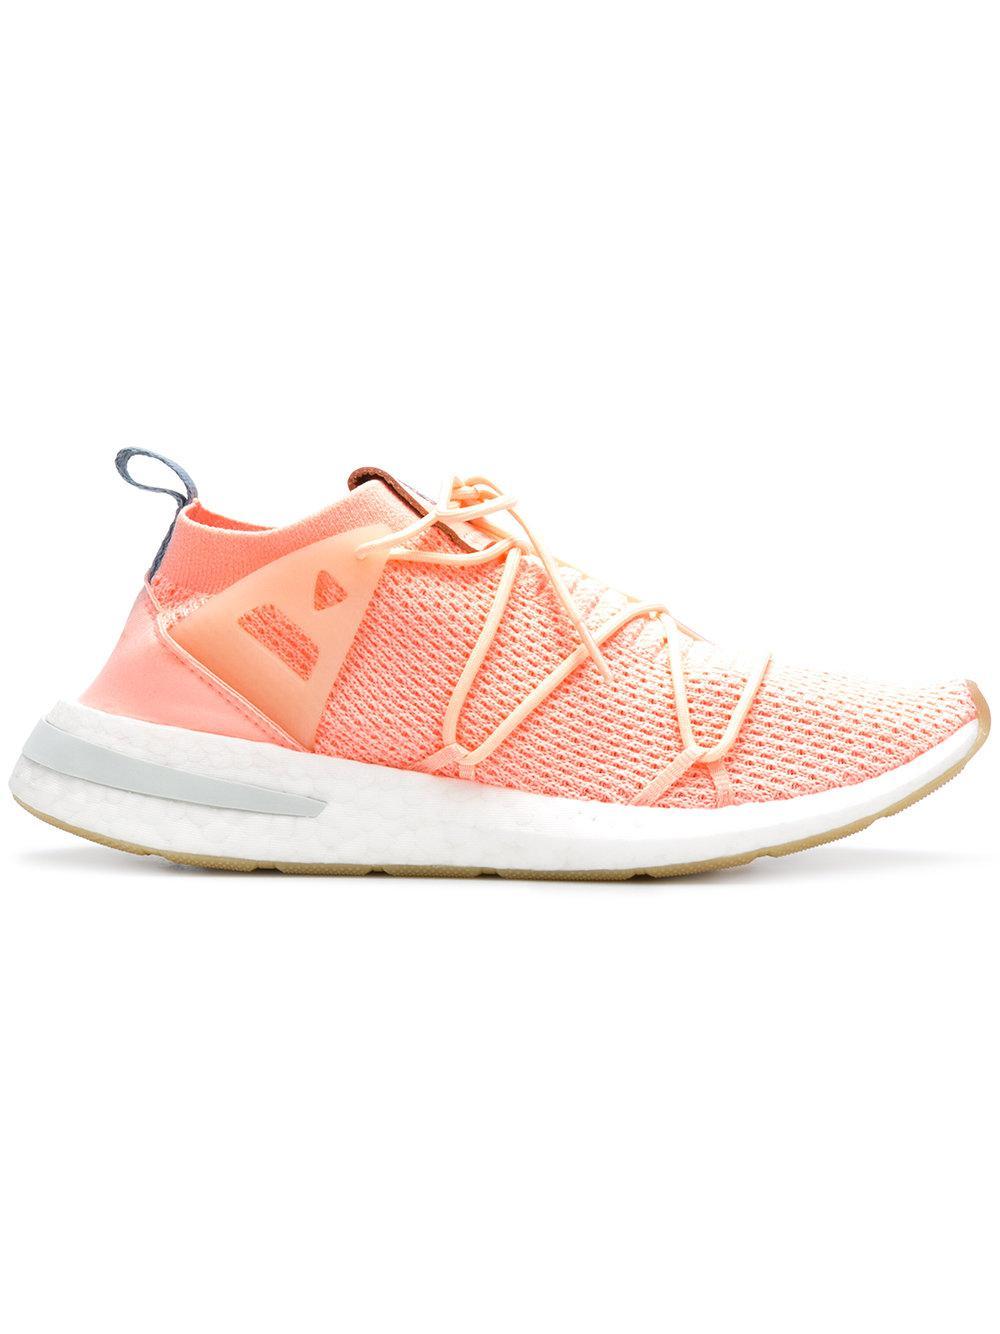 lyst adidas arkyn primeknit scarpe rosa